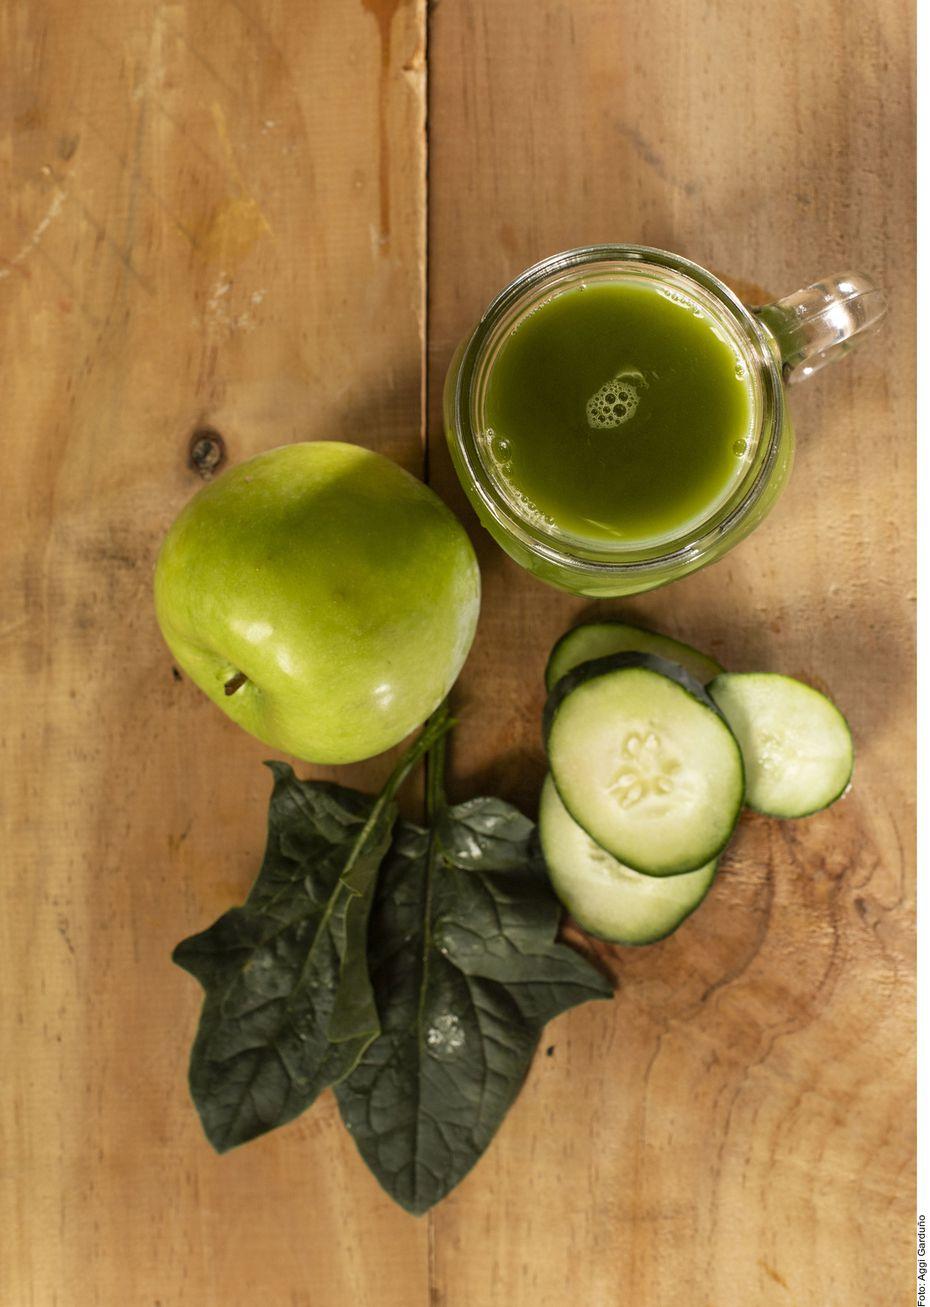 Para la jugoterapia puedes añadir fruta, pero con moderación para no hacer una bebida alta en azúcares.